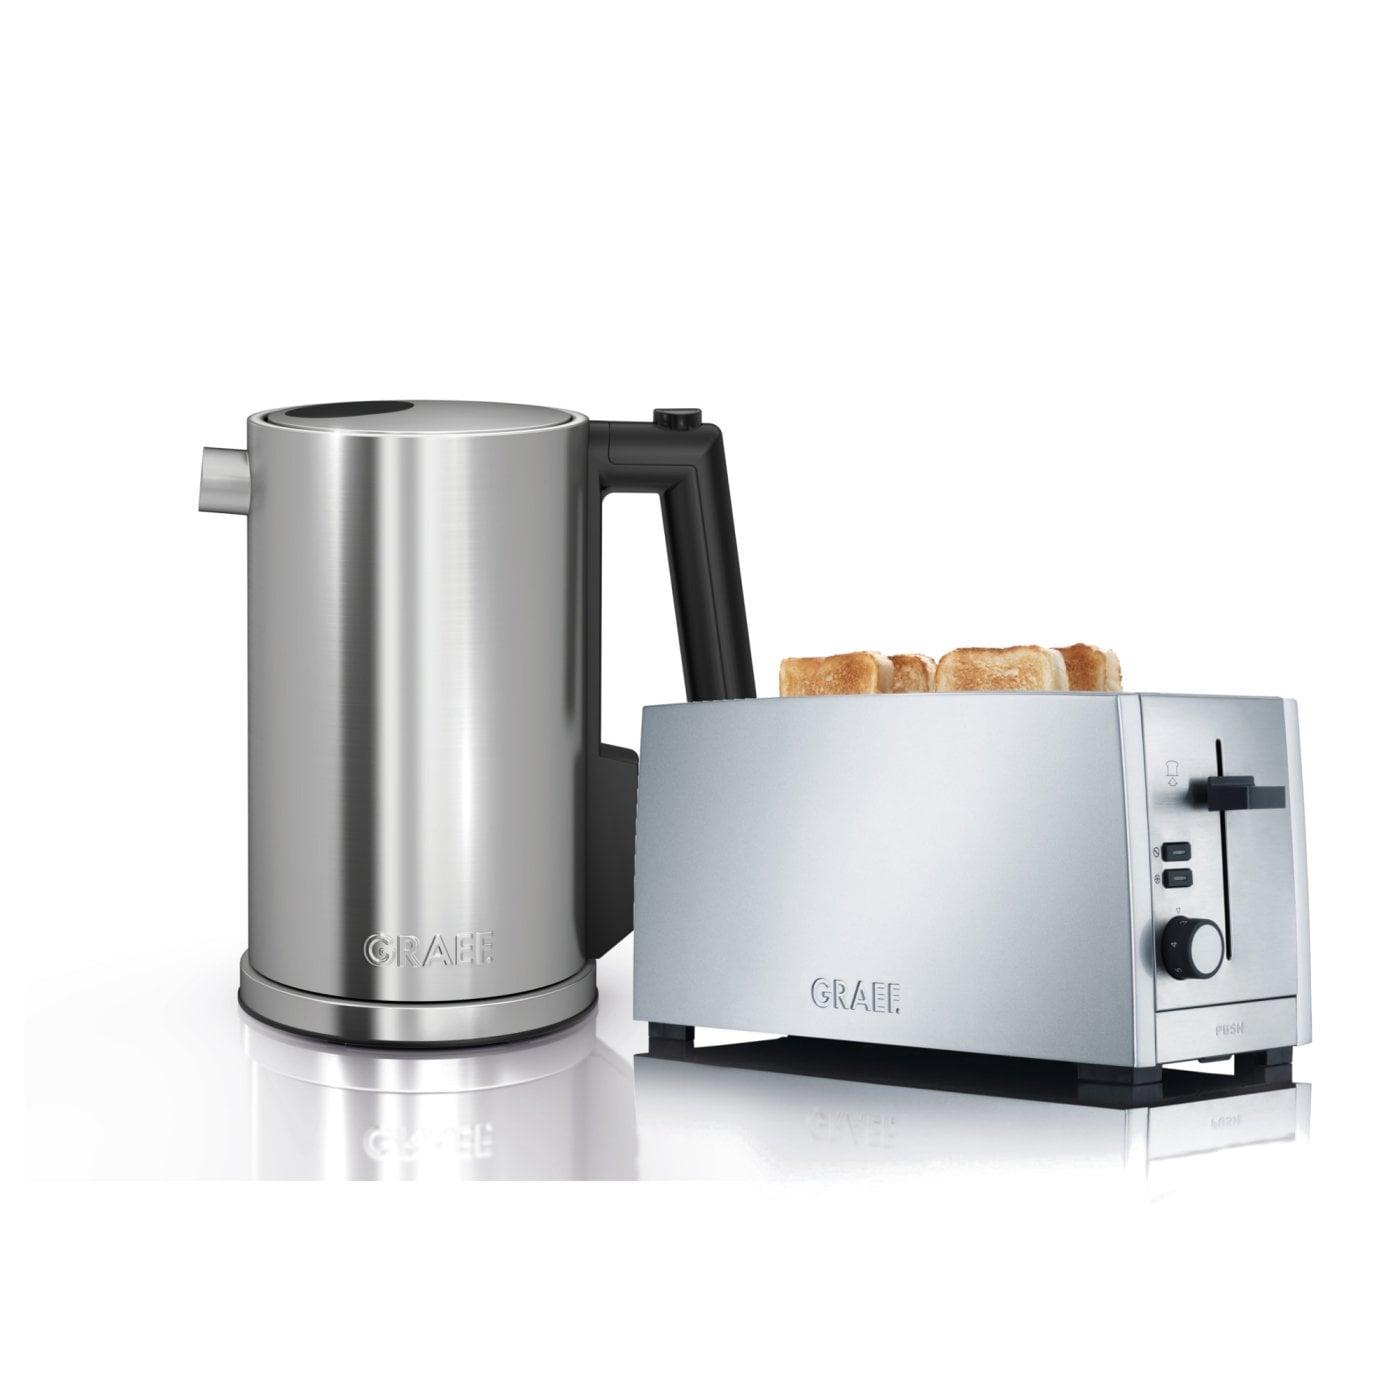 set wasserkocher toaster wk900eu und to100eu graef. Black Bedroom Furniture Sets. Home Design Ideas